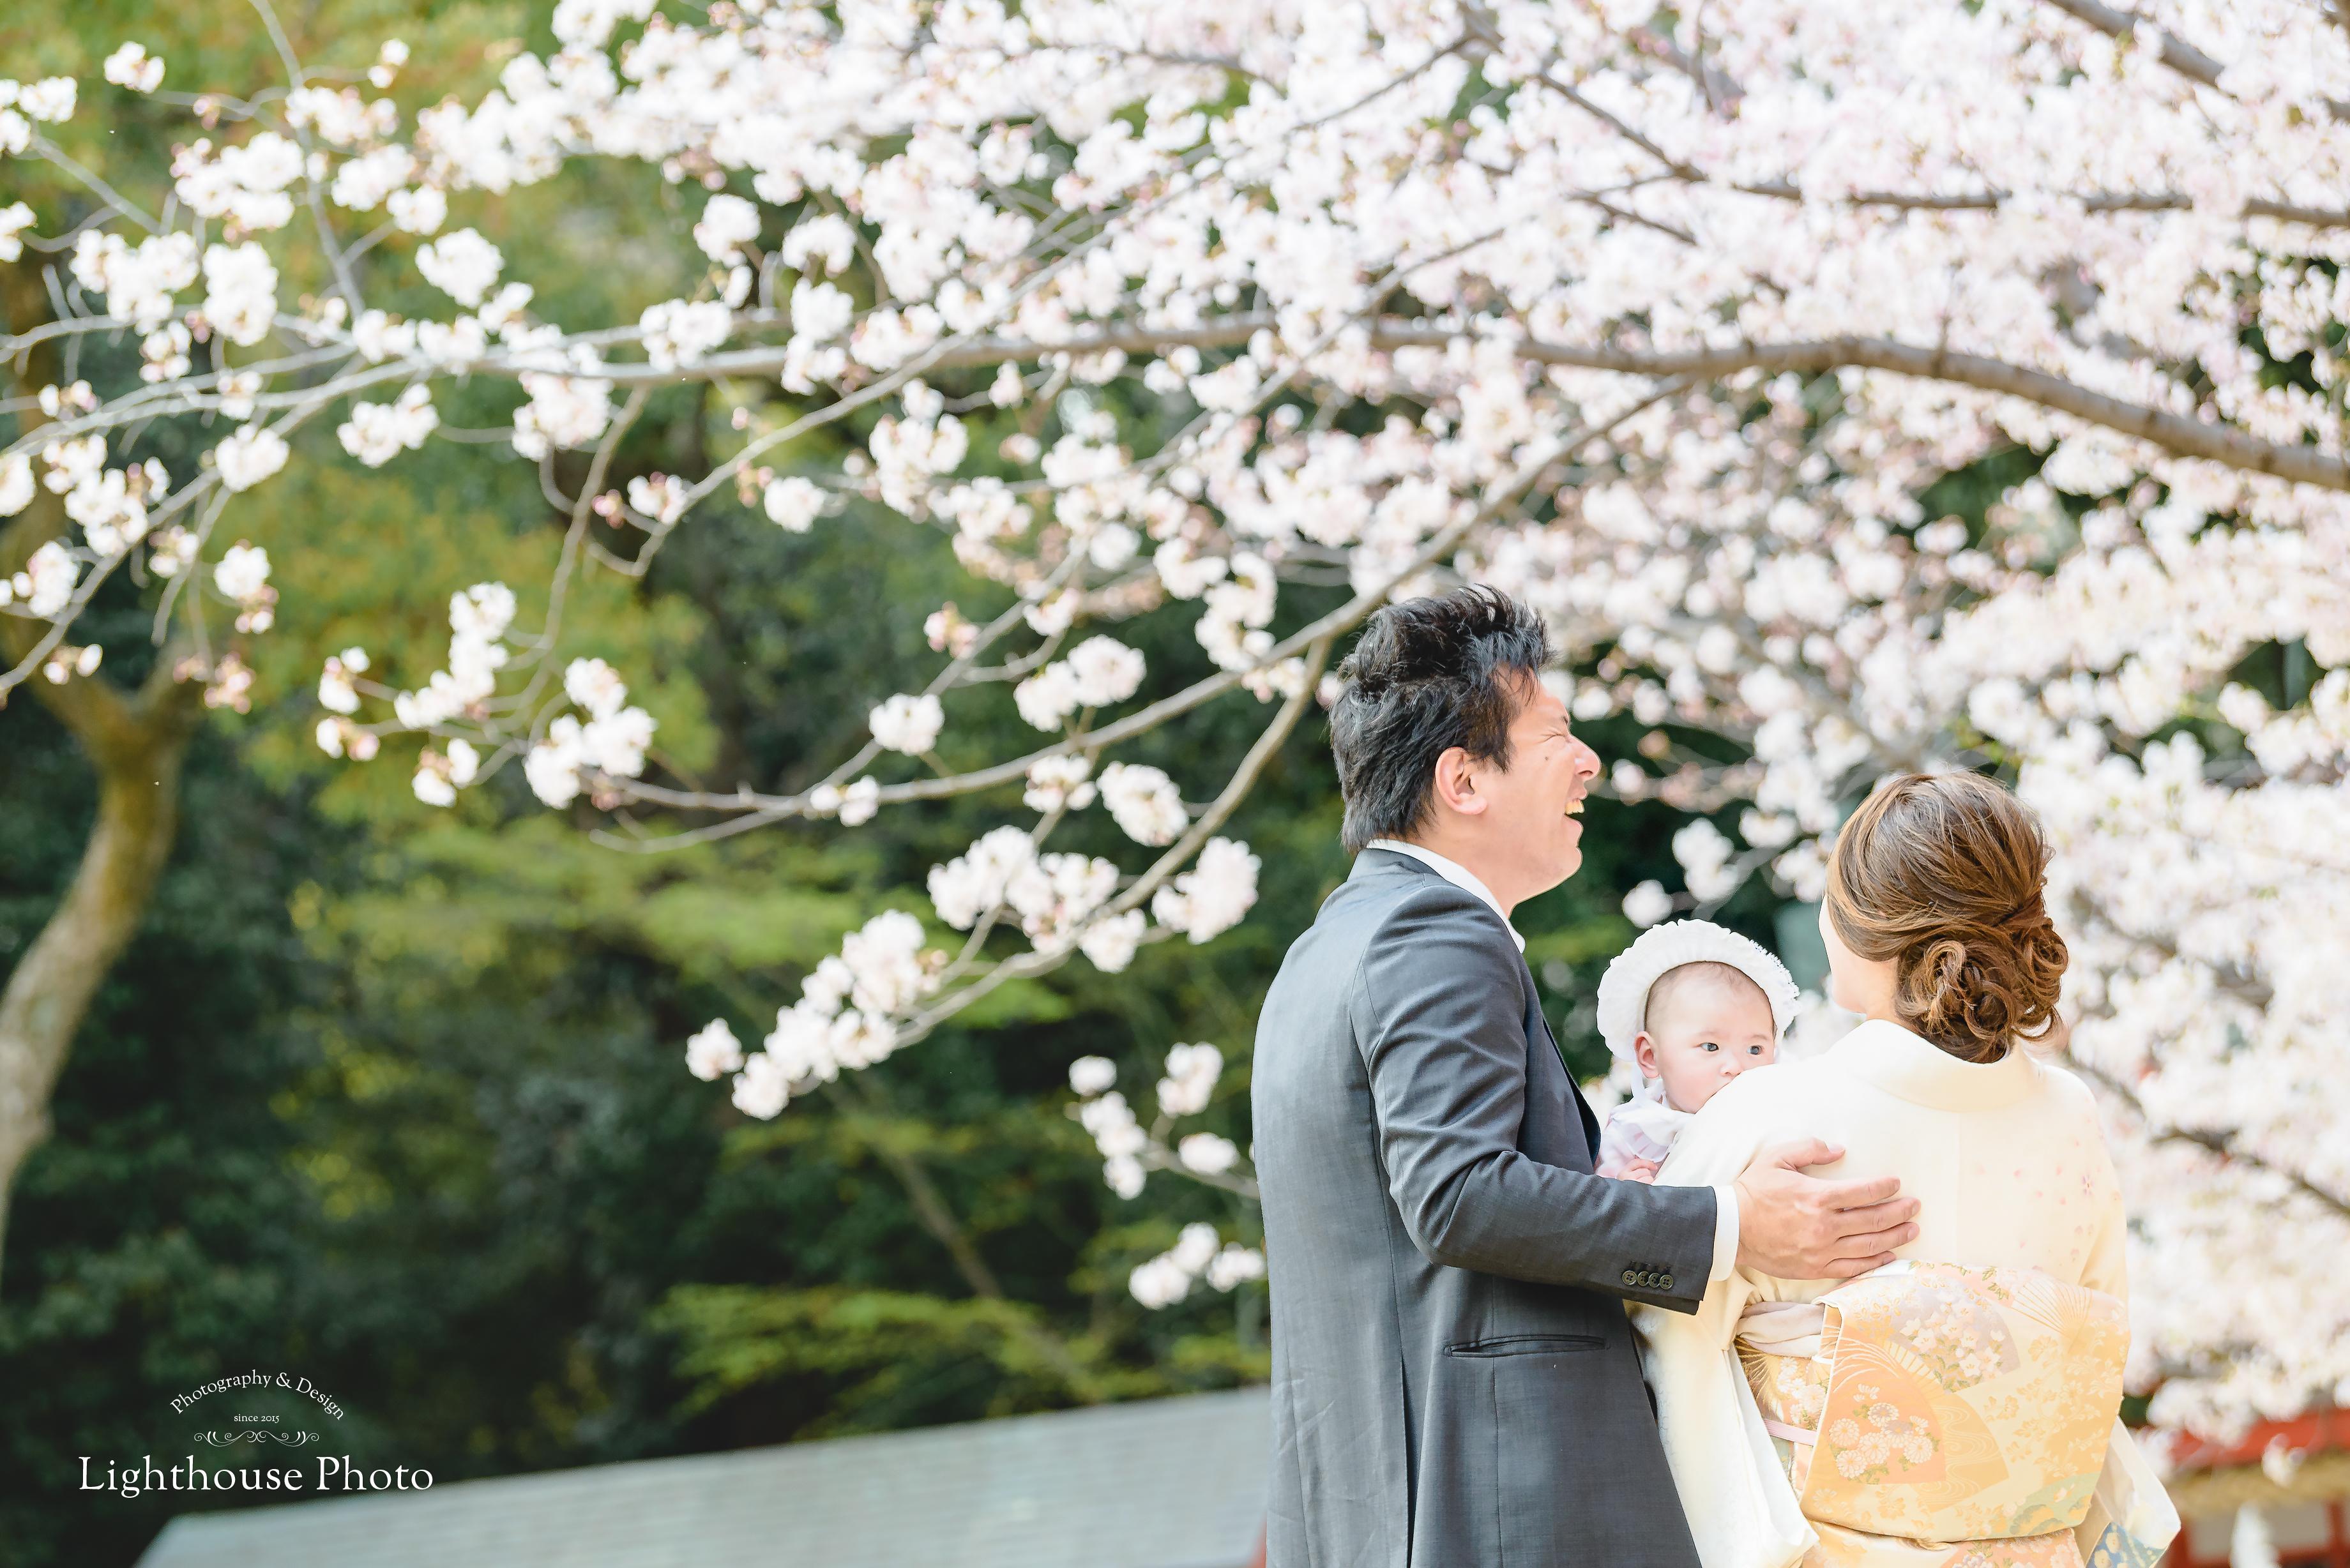 桜の季節ももうすぐ。桜と一緒にお宮参りロケーションフォト@生田神社